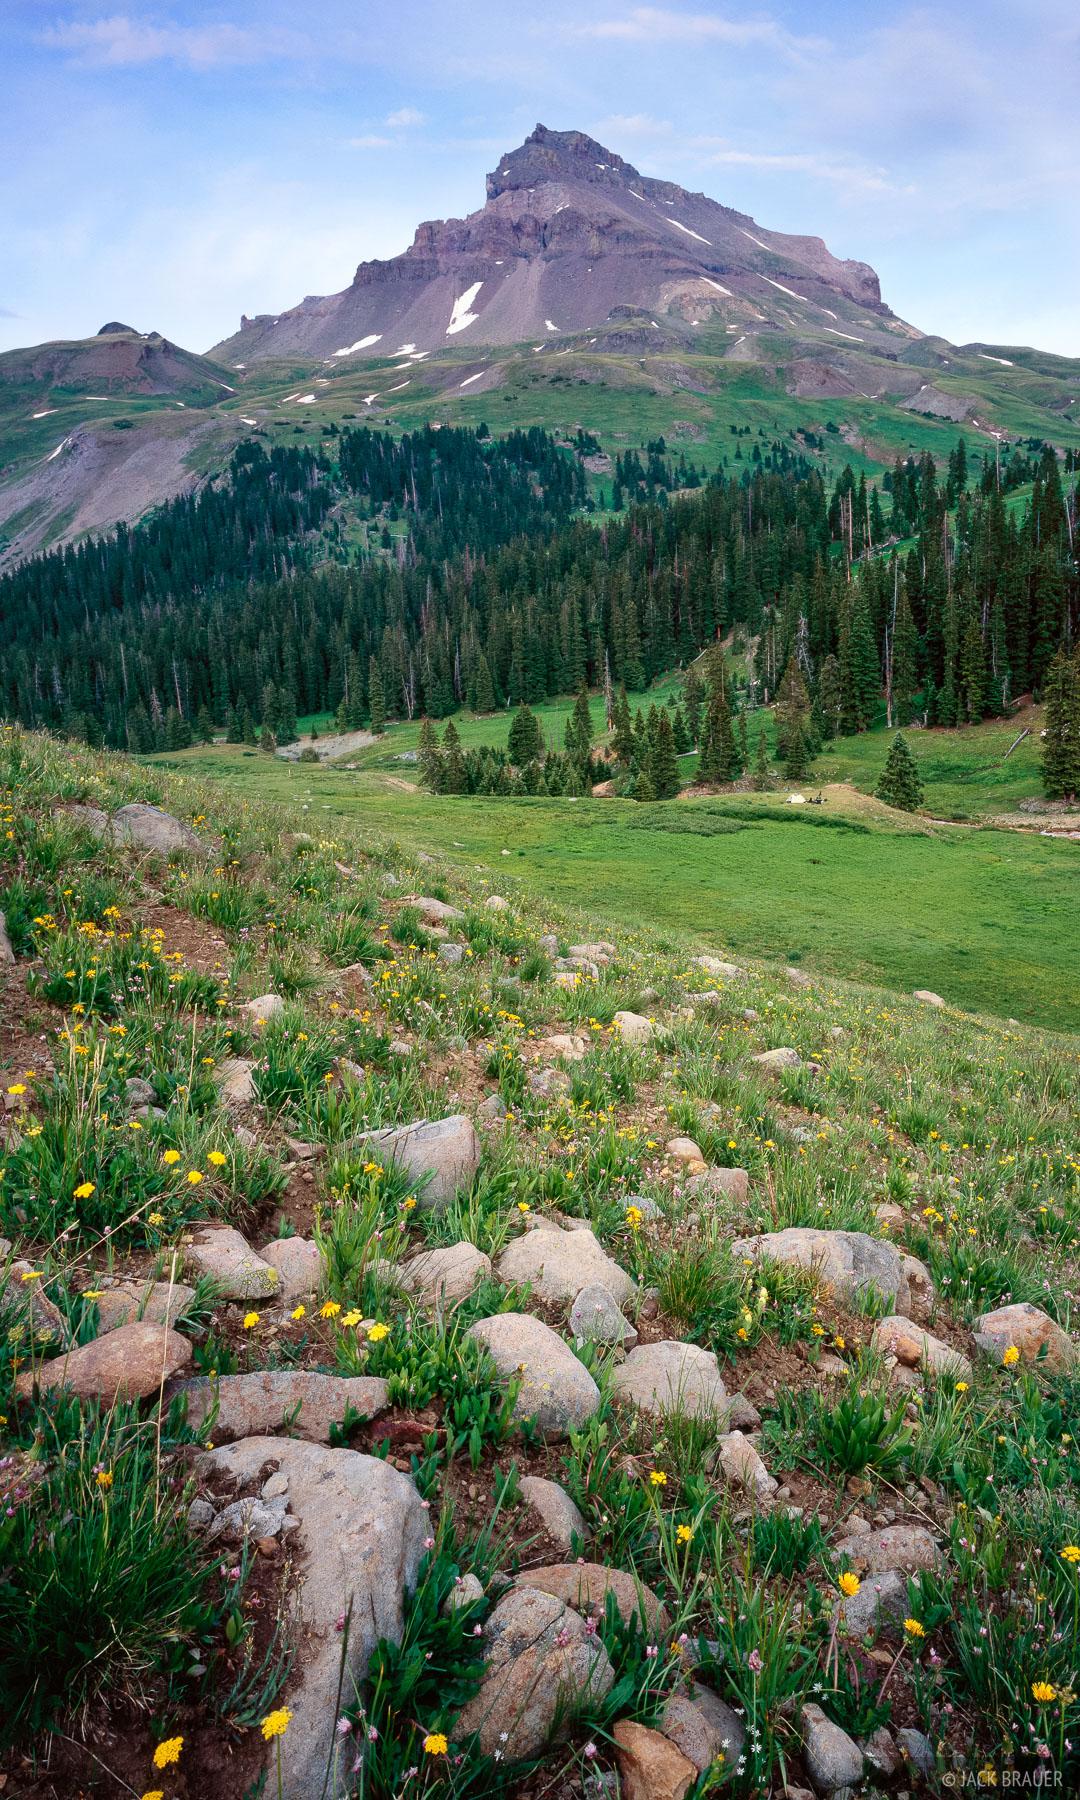 Uncompahgre : uncompahgre, Uncompahgre, Rocks, Wilderness,, Colorado, Mountain, Photography, Brauer